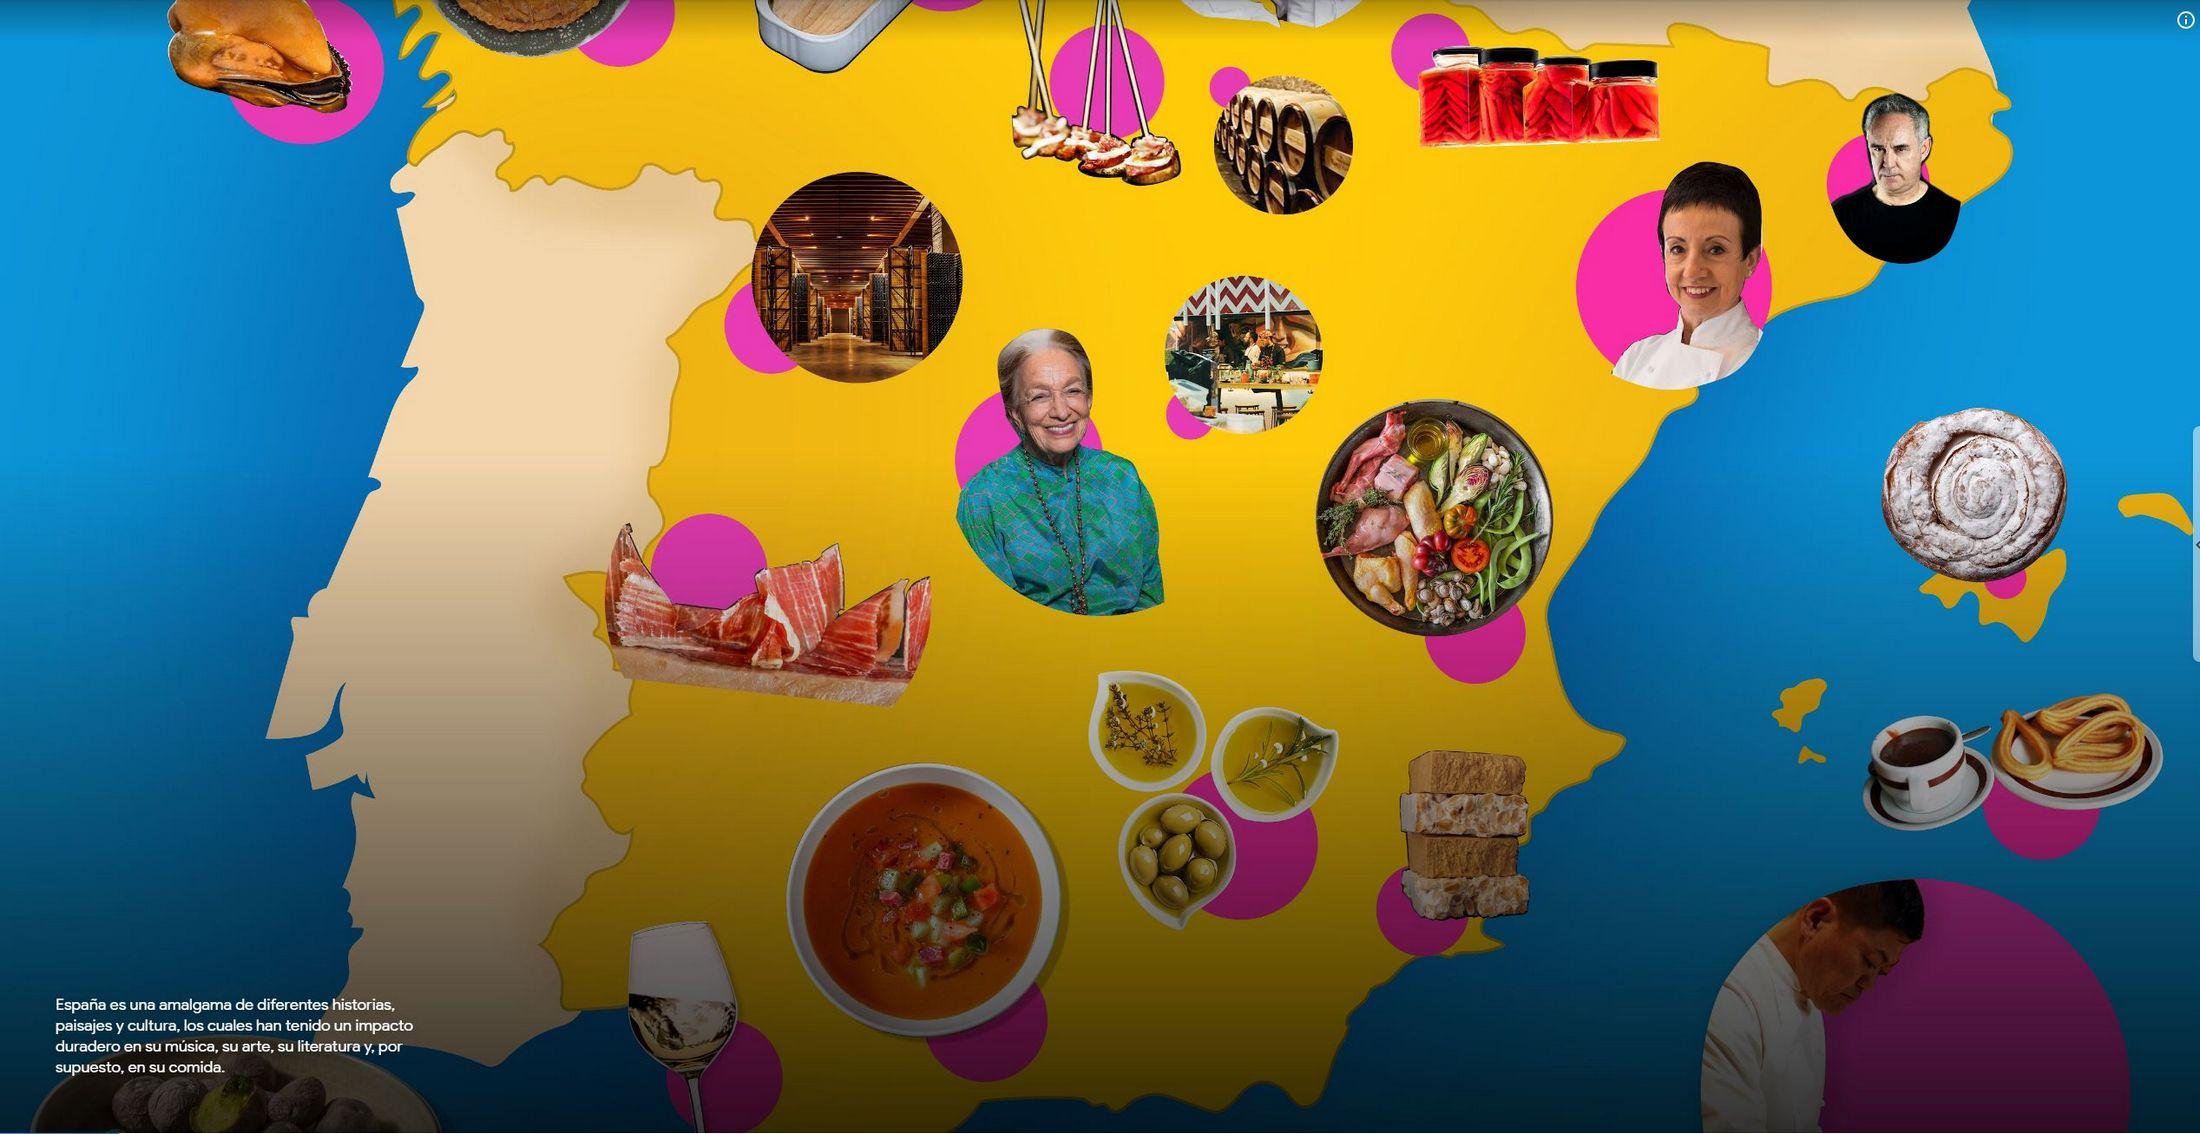 'España: cocina abierta'. / GOOGLE ARTS & CULTURE